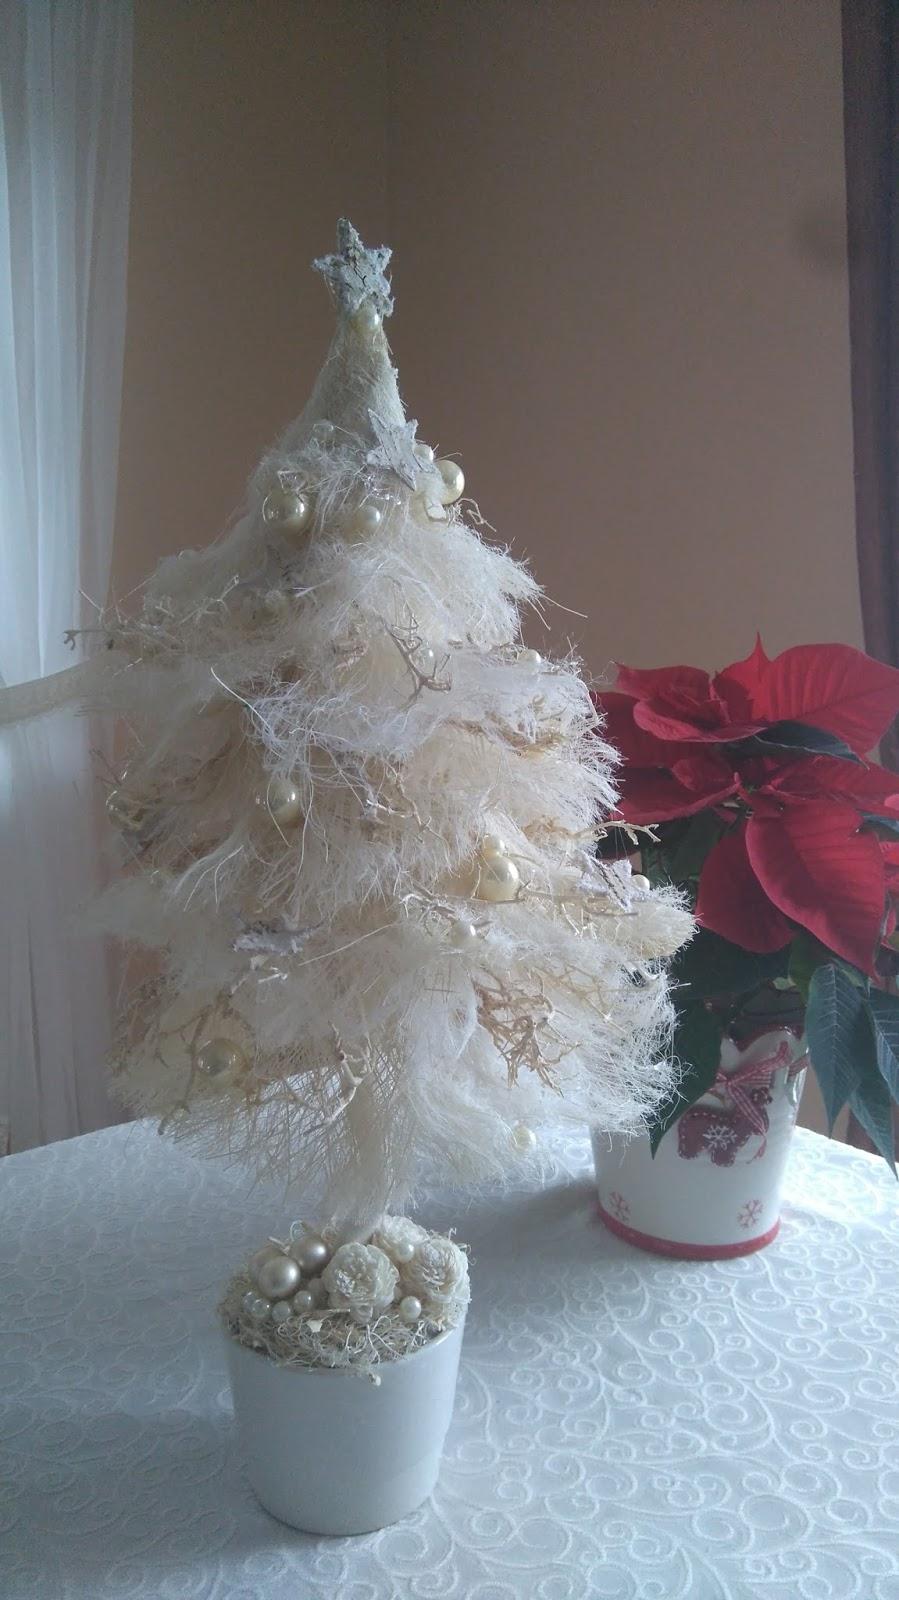 Izes Ręcznie Robione Dekoracje Domu Na Boże Narodzenie